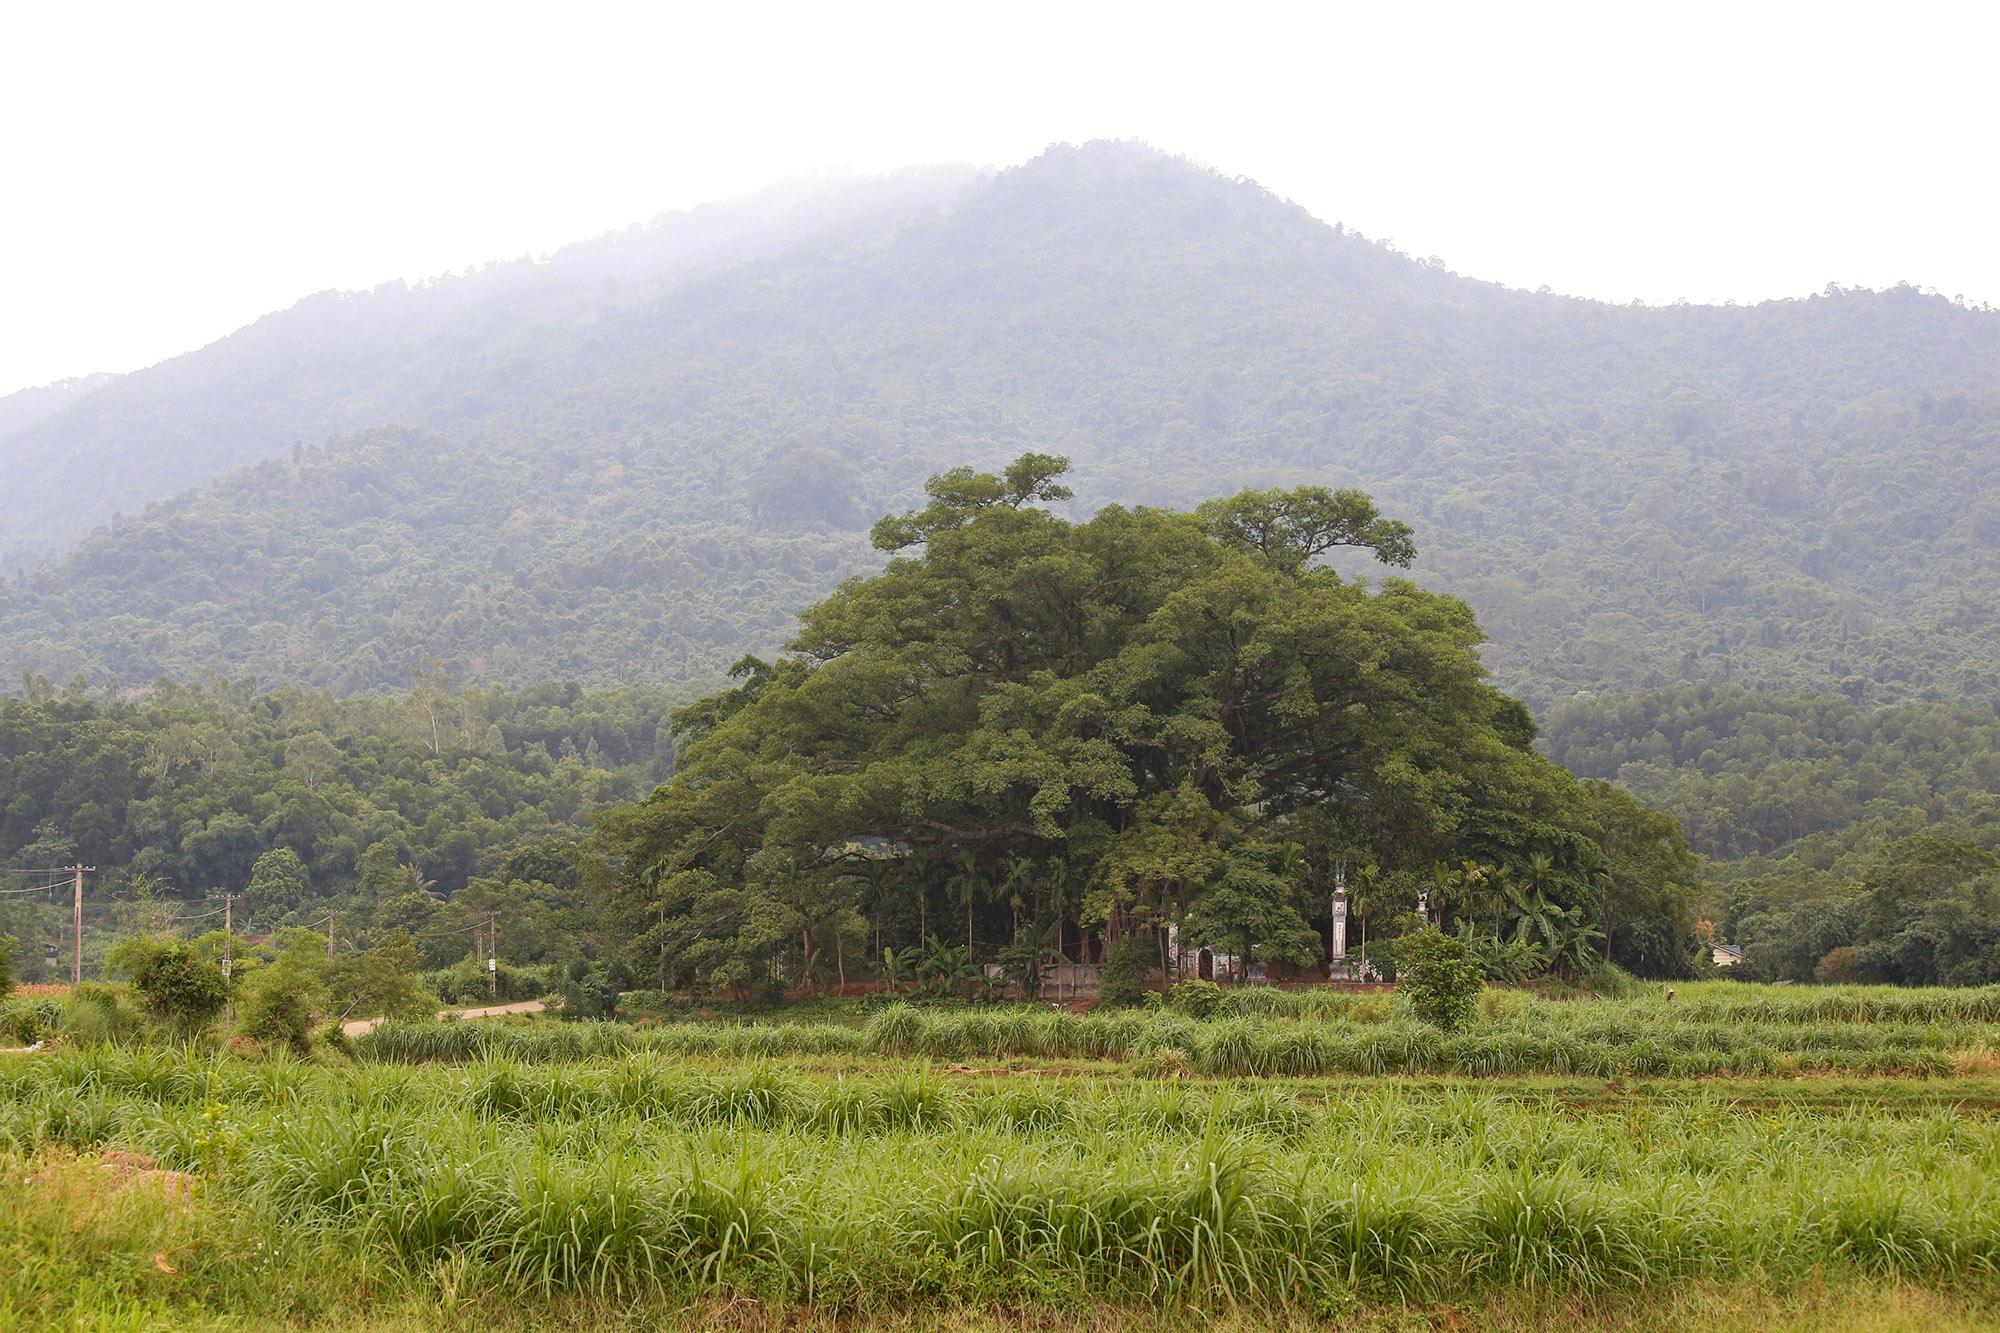 Tận mắt hai báu vật xanh tại vùng đất thiêng của Hà Nội - 9